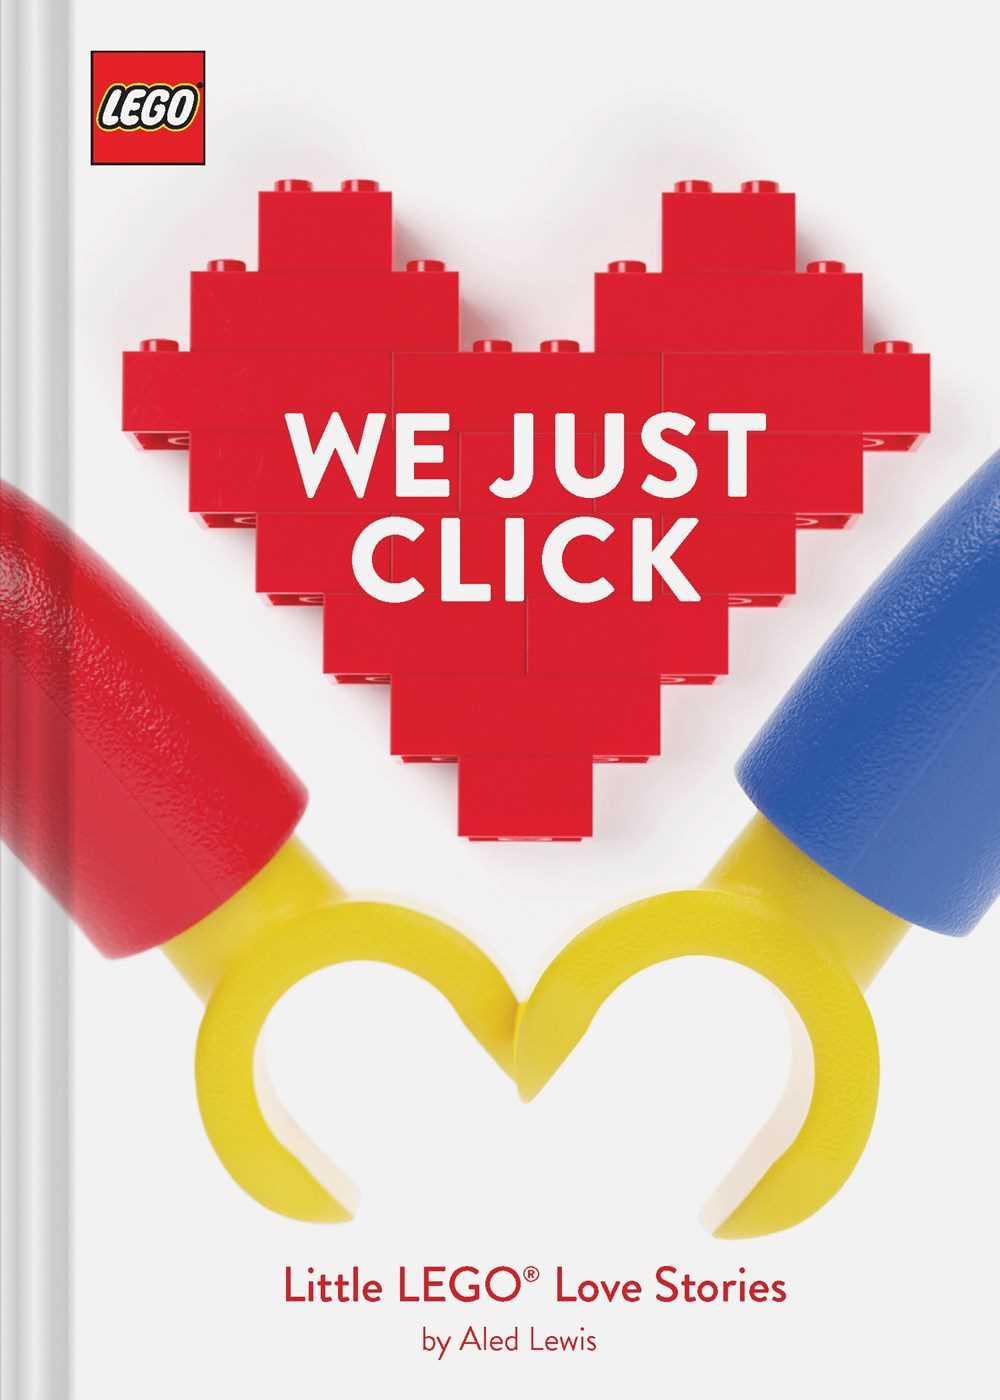 LEGO: We Just Click